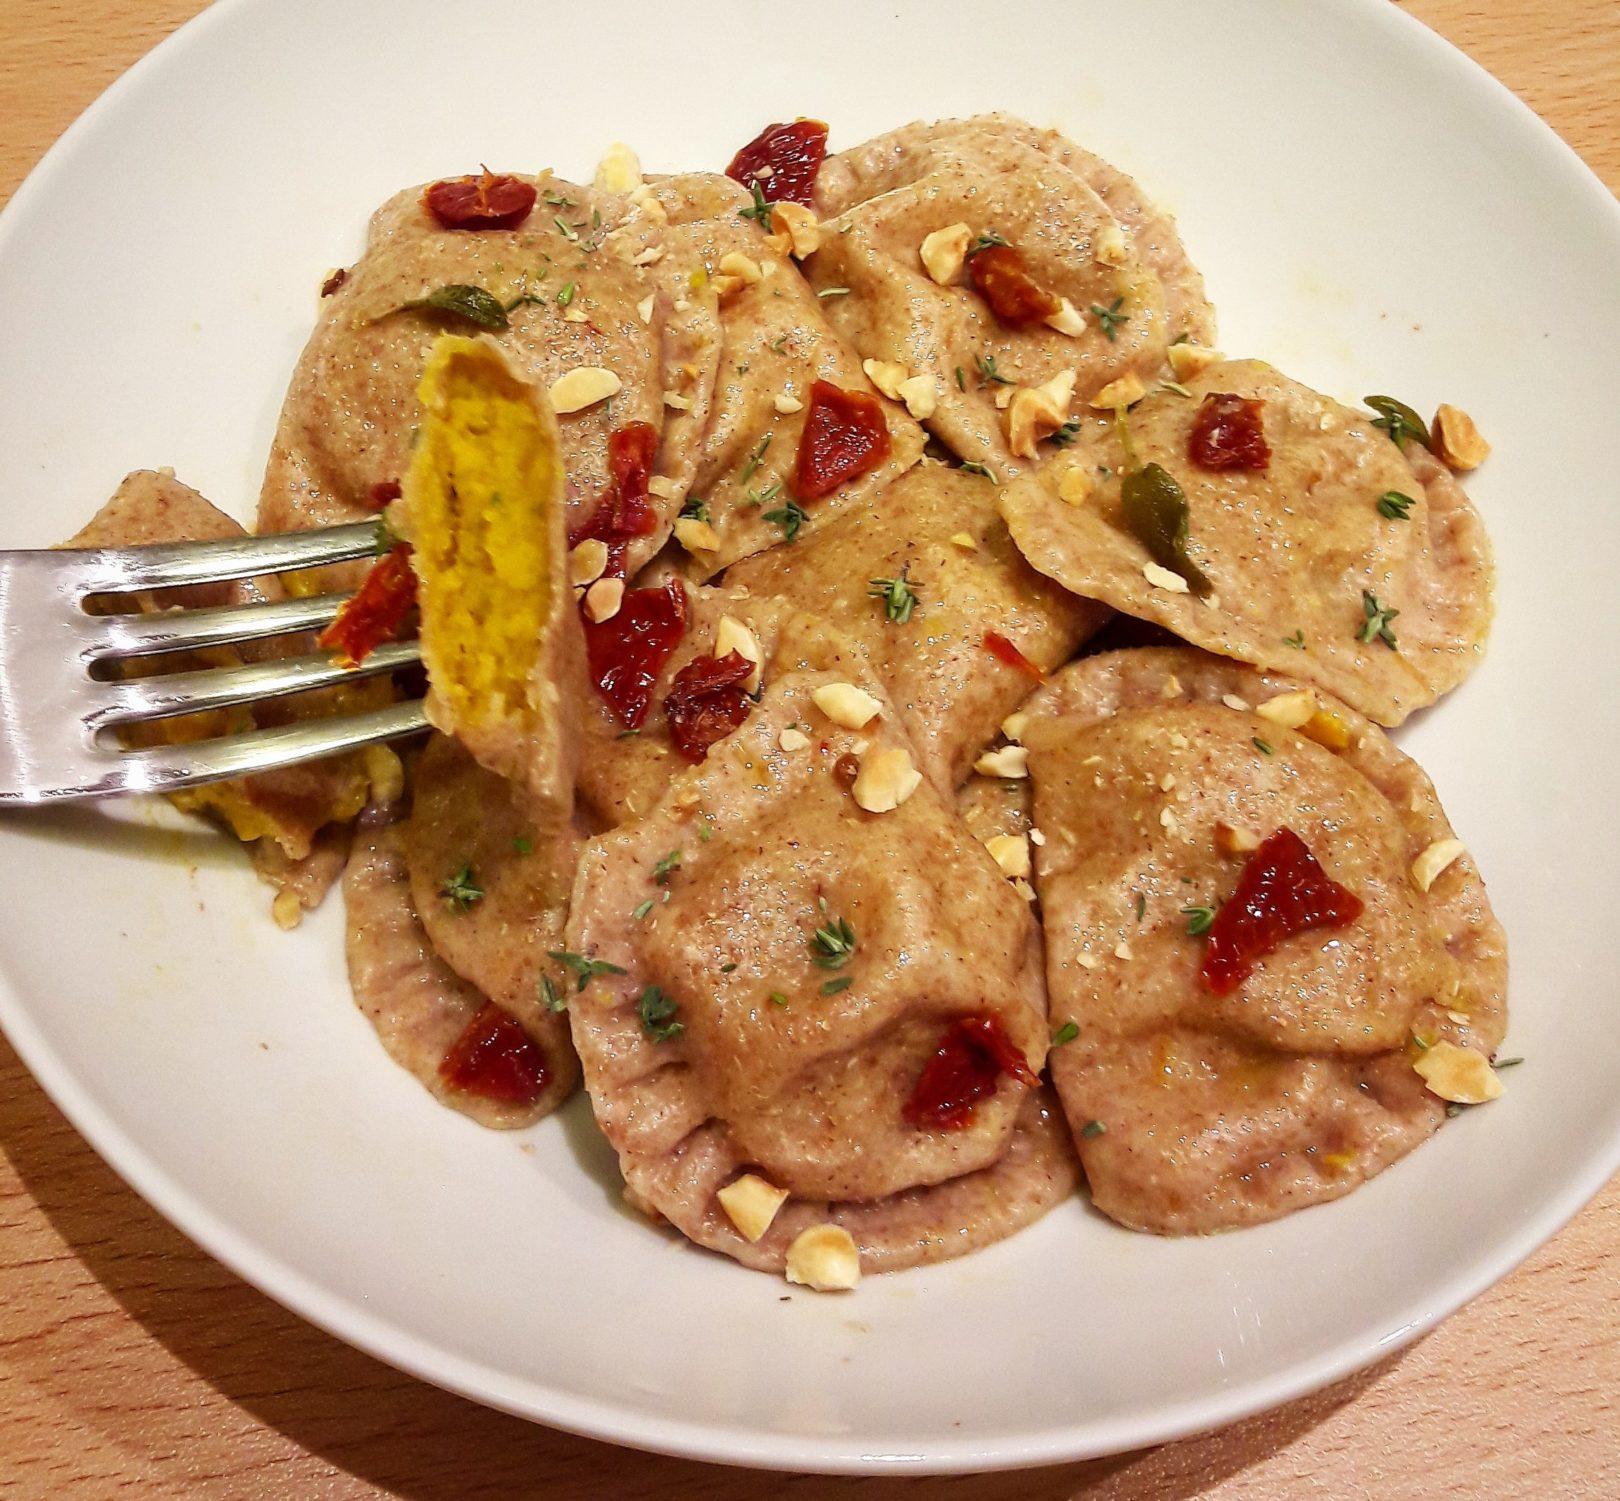 Ravioli di farro ripieni di zucca e ceci al timo con nocciole e pomodori secchi